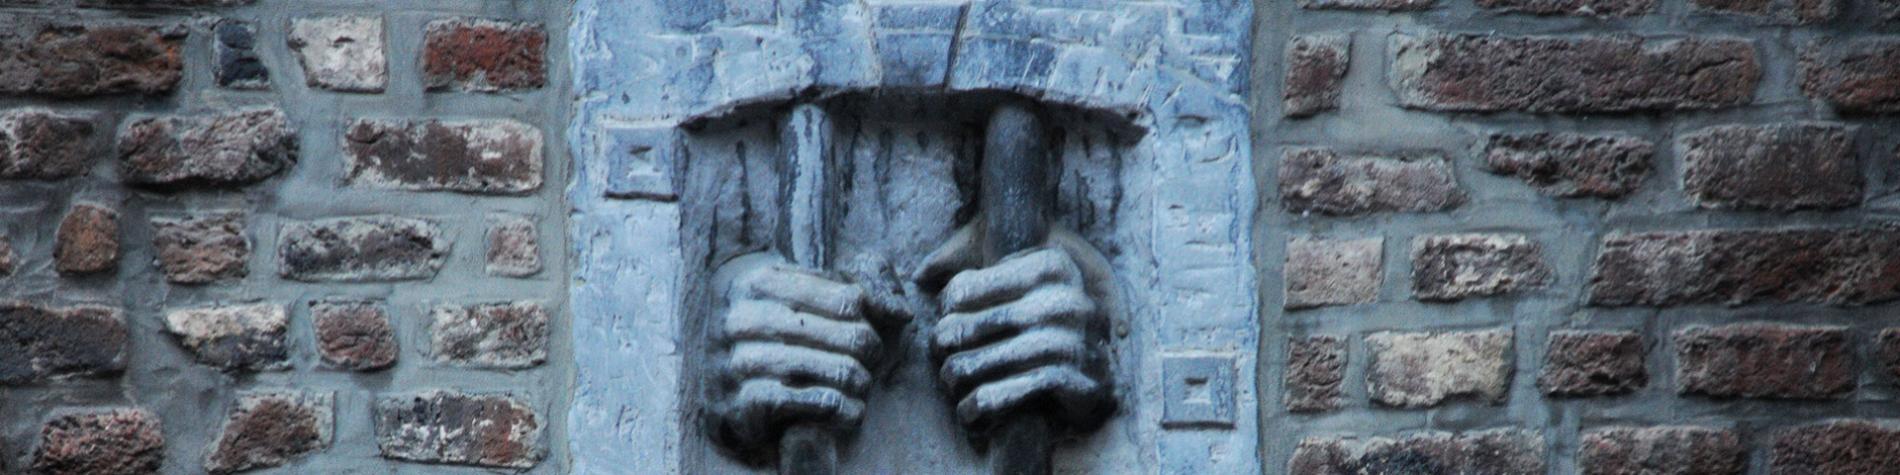 Détails architecturaux - Namur - S. Gilson - Loisirs & Vacances - patrimoine urbanistique - architectural - culturel - naturel - légendaire - Wallonie - circuits découvertes - guidages costumés - animation